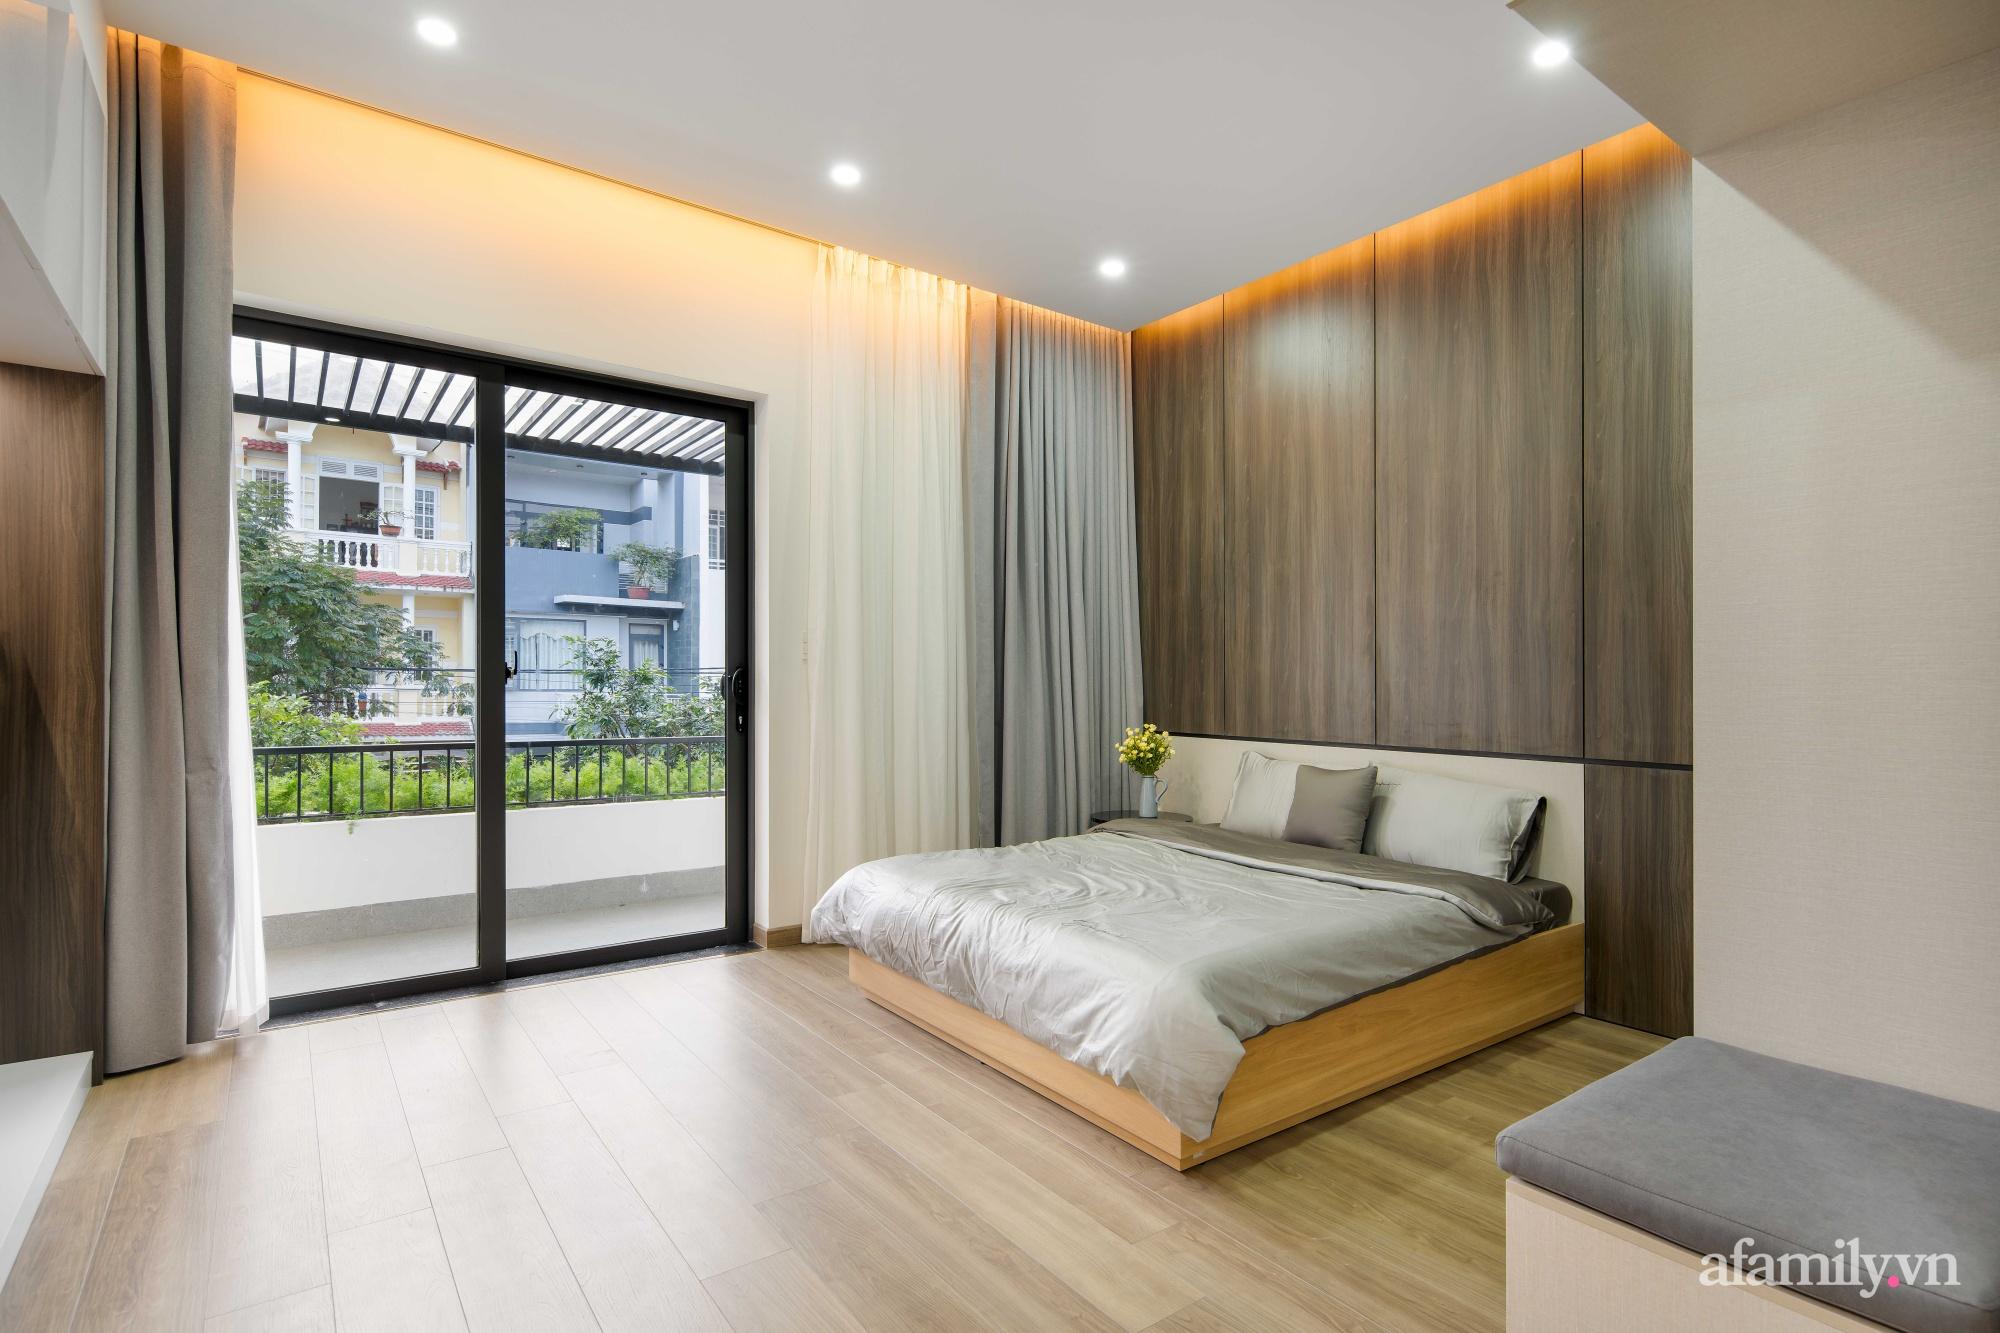 Nhà phố 3 tầng đẹp hiện đại với phong cách tối giản ngập tràn ánh sáng và cây xanh ở Đà Nẵng - Ảnh 16.